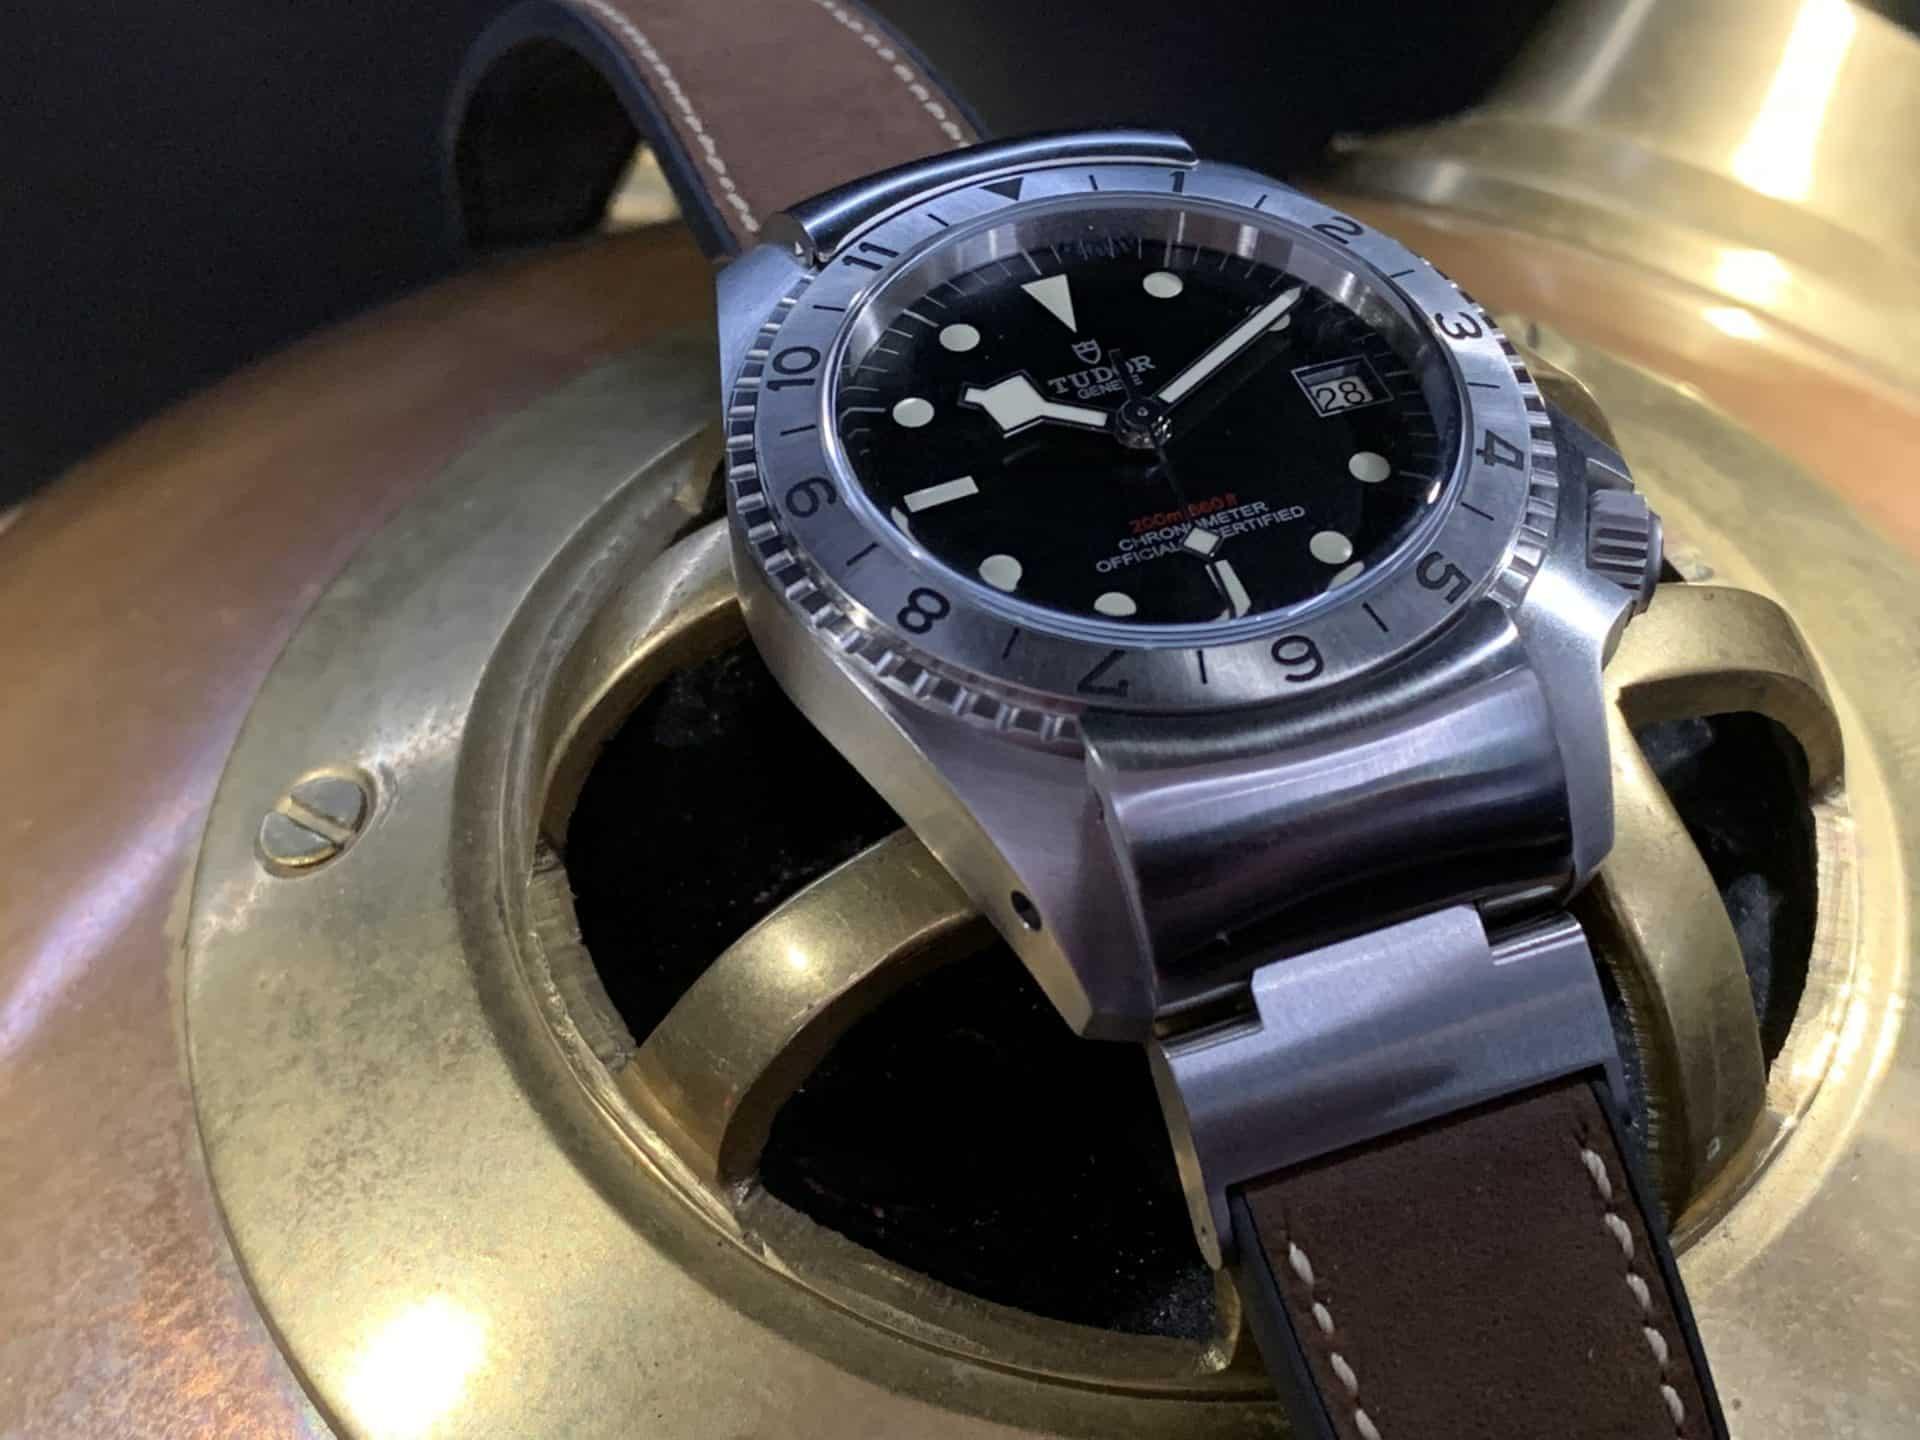 Diese Armbanduhr wirkt stark, weil sicher polarisierend